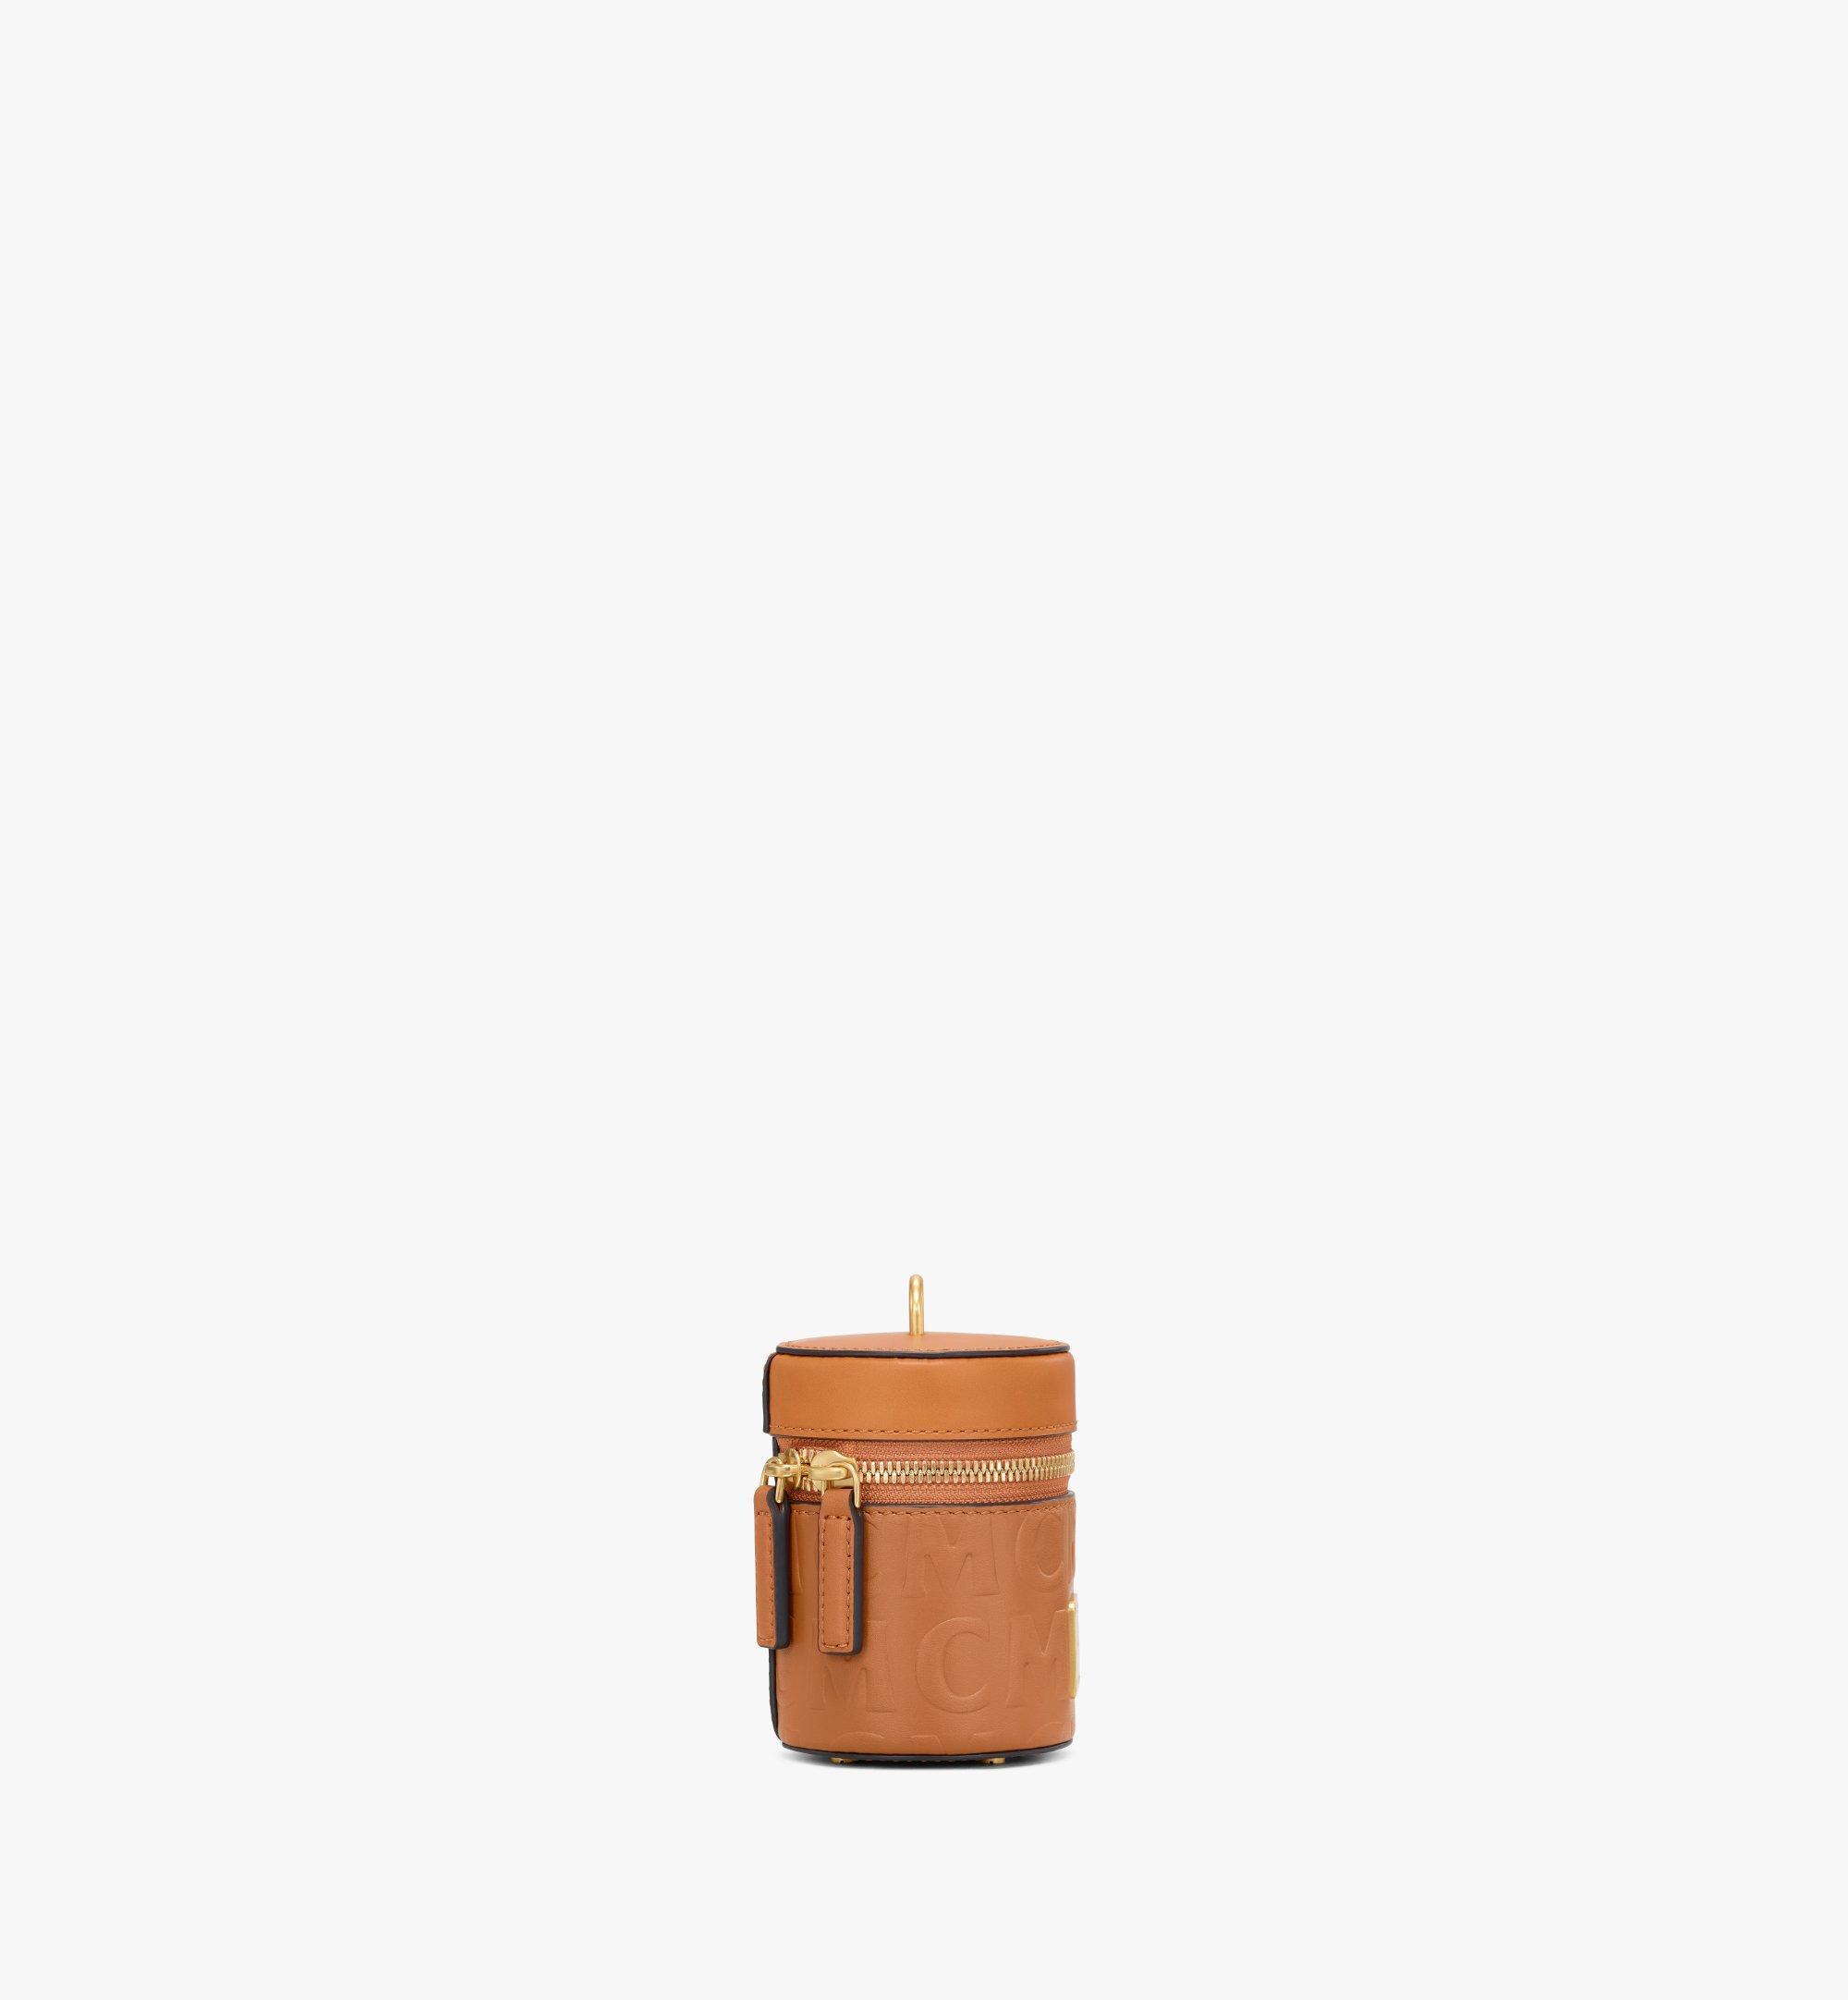 MCM Sac à bandoulière cylindrique en cuir monogrammé MCM Cognac MWRAACG06CO001 Plus de photos 1